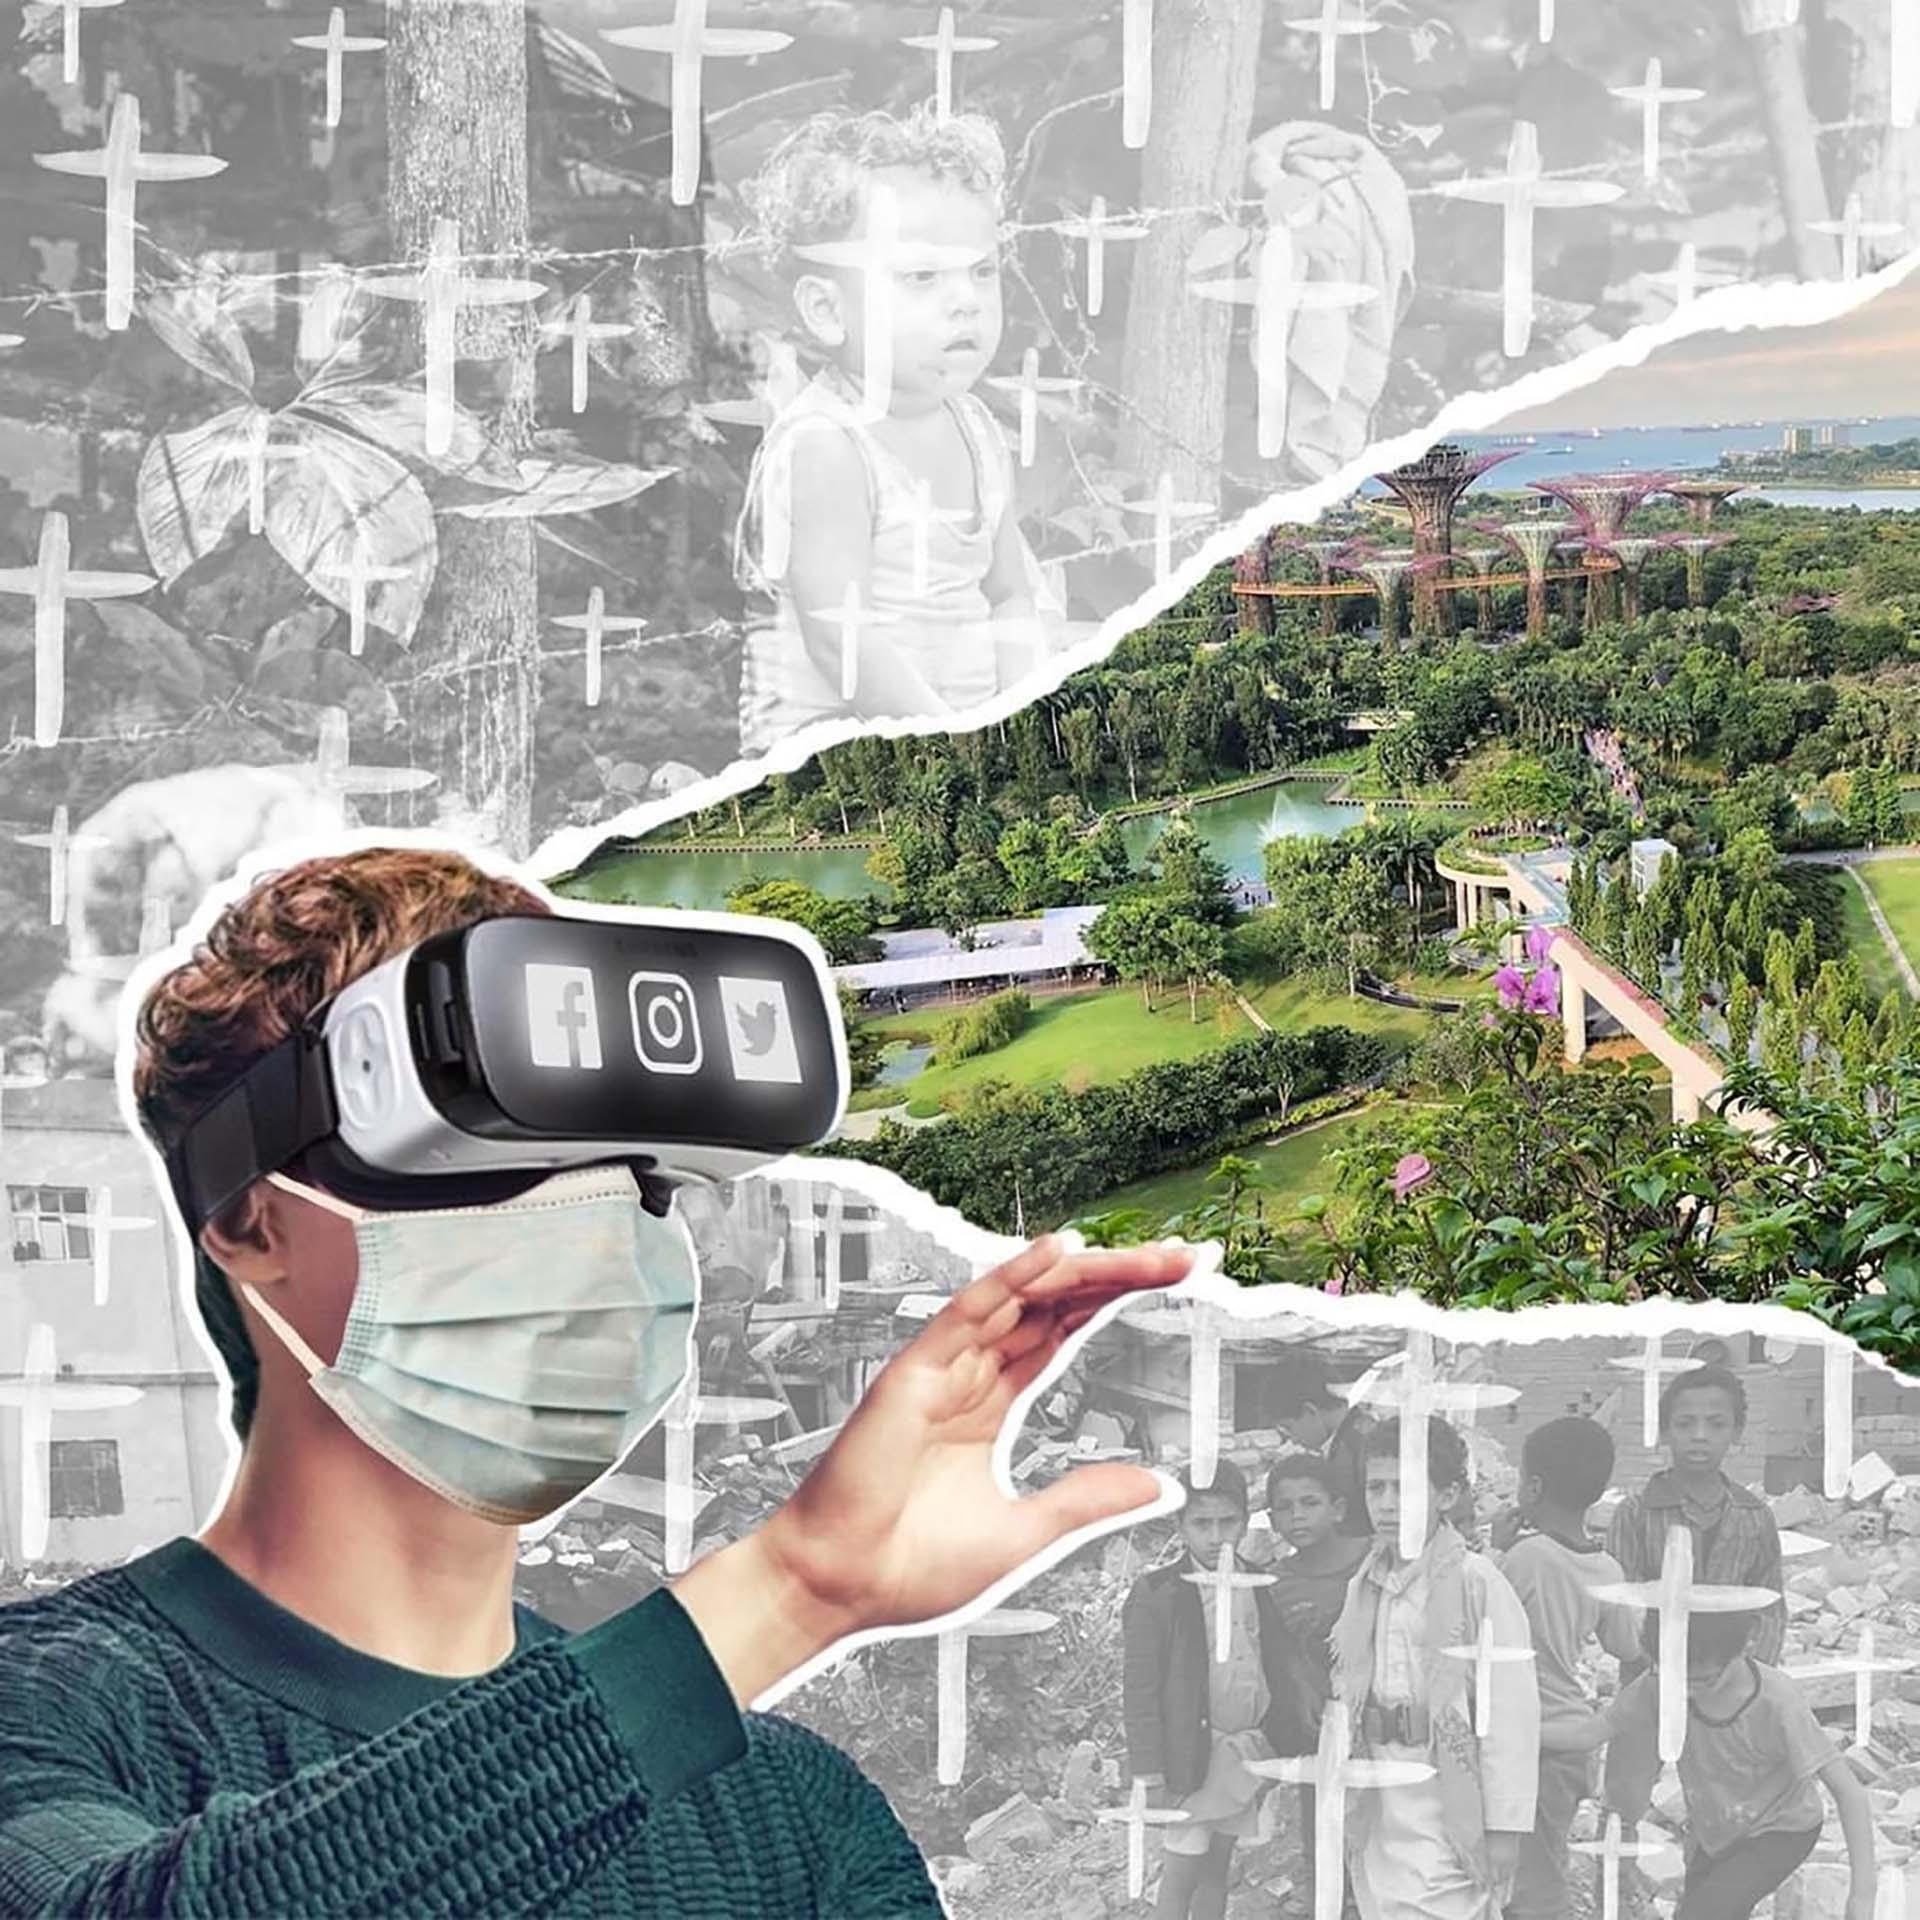 Esta idea surgió a partir de la iniciativa de crear un museo, necesariamente digital, que recogiese todo ese arte de cuarentena o arte covid.